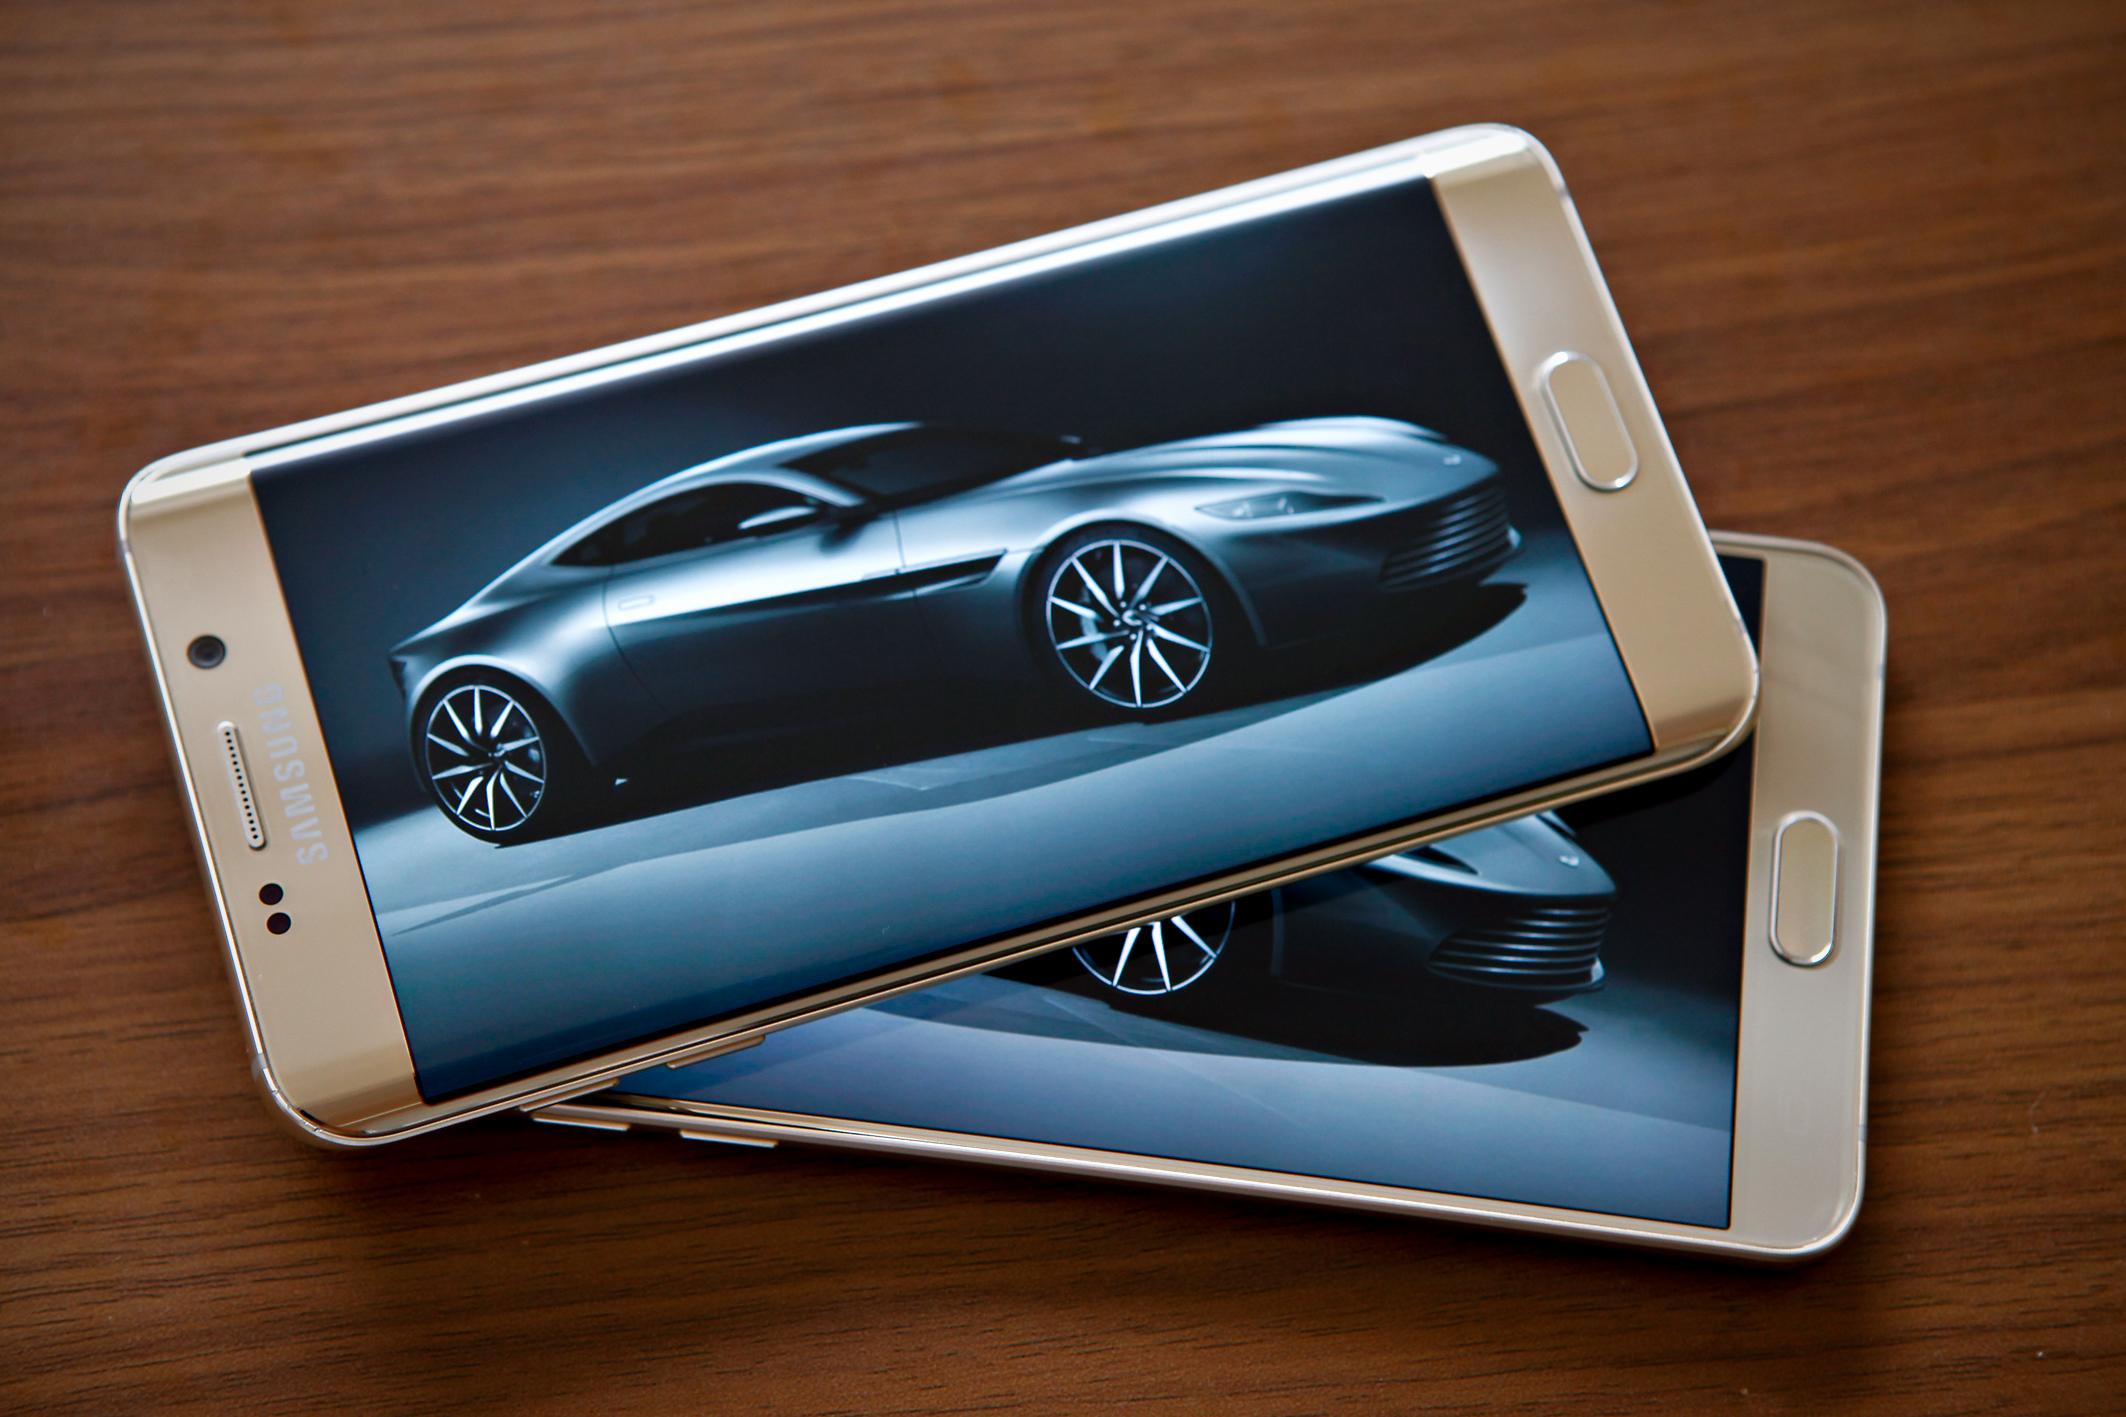 Diện mạo Galaxy S6 Edge Plus và Note 5 phong cách